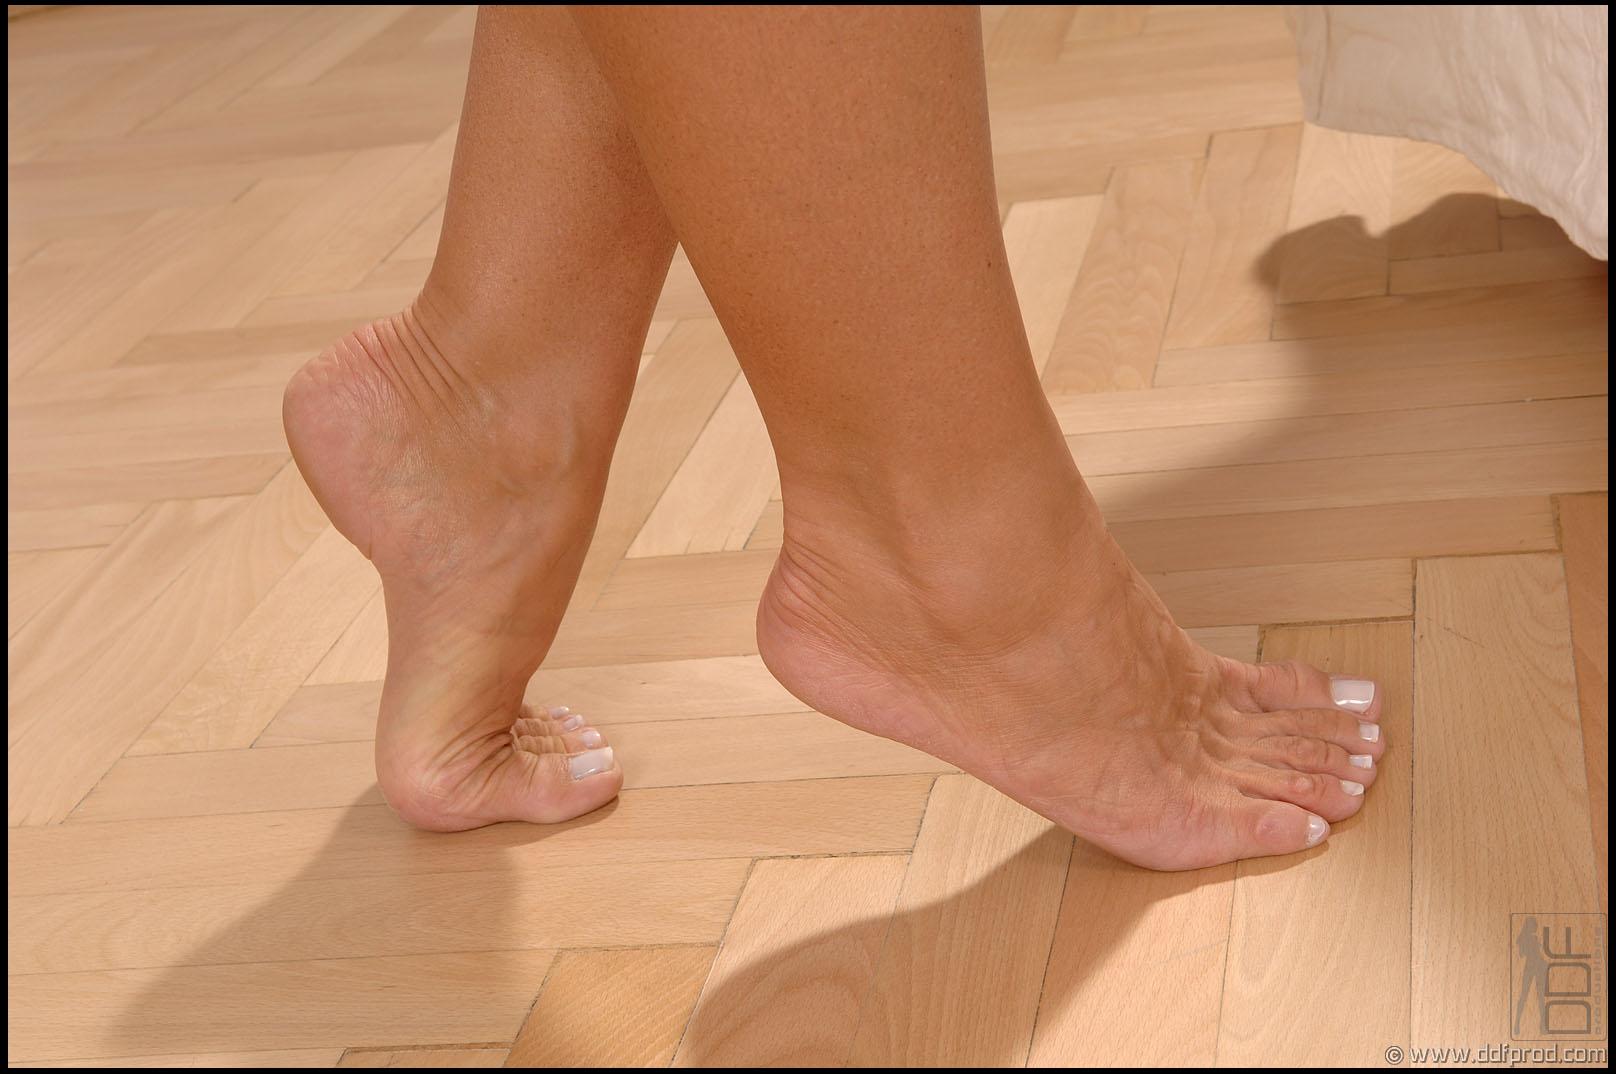 Сильвия саинт ноги 16 фотография